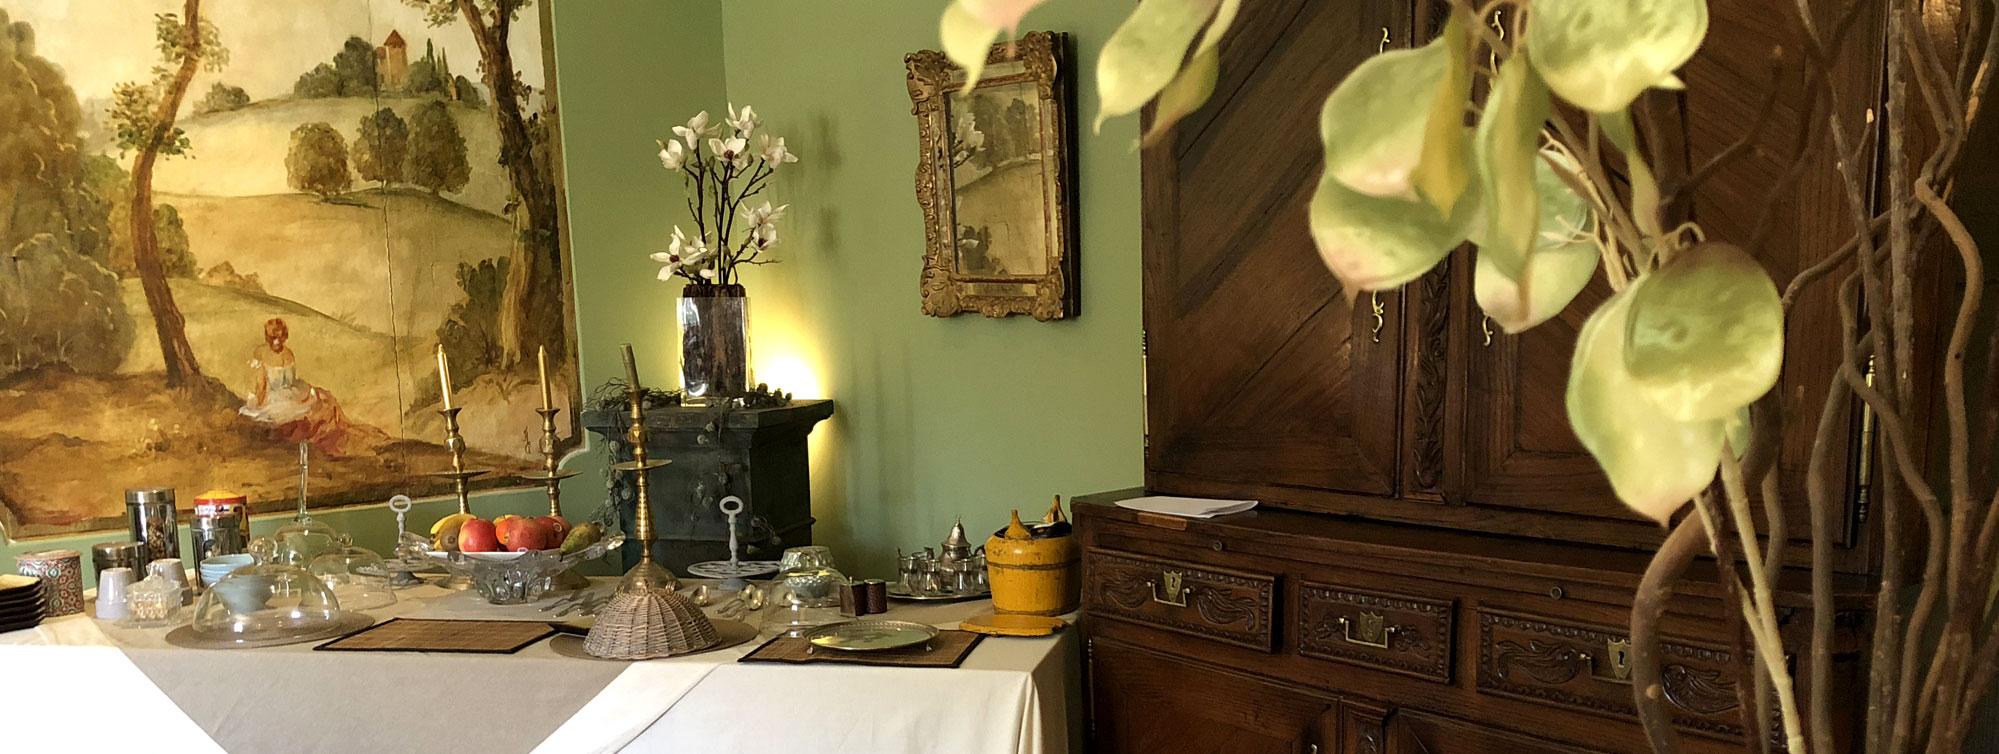 Chambres et et suites d'hôtes du Château de Maumont ©Samuel La Clef - Chateau de Maumont